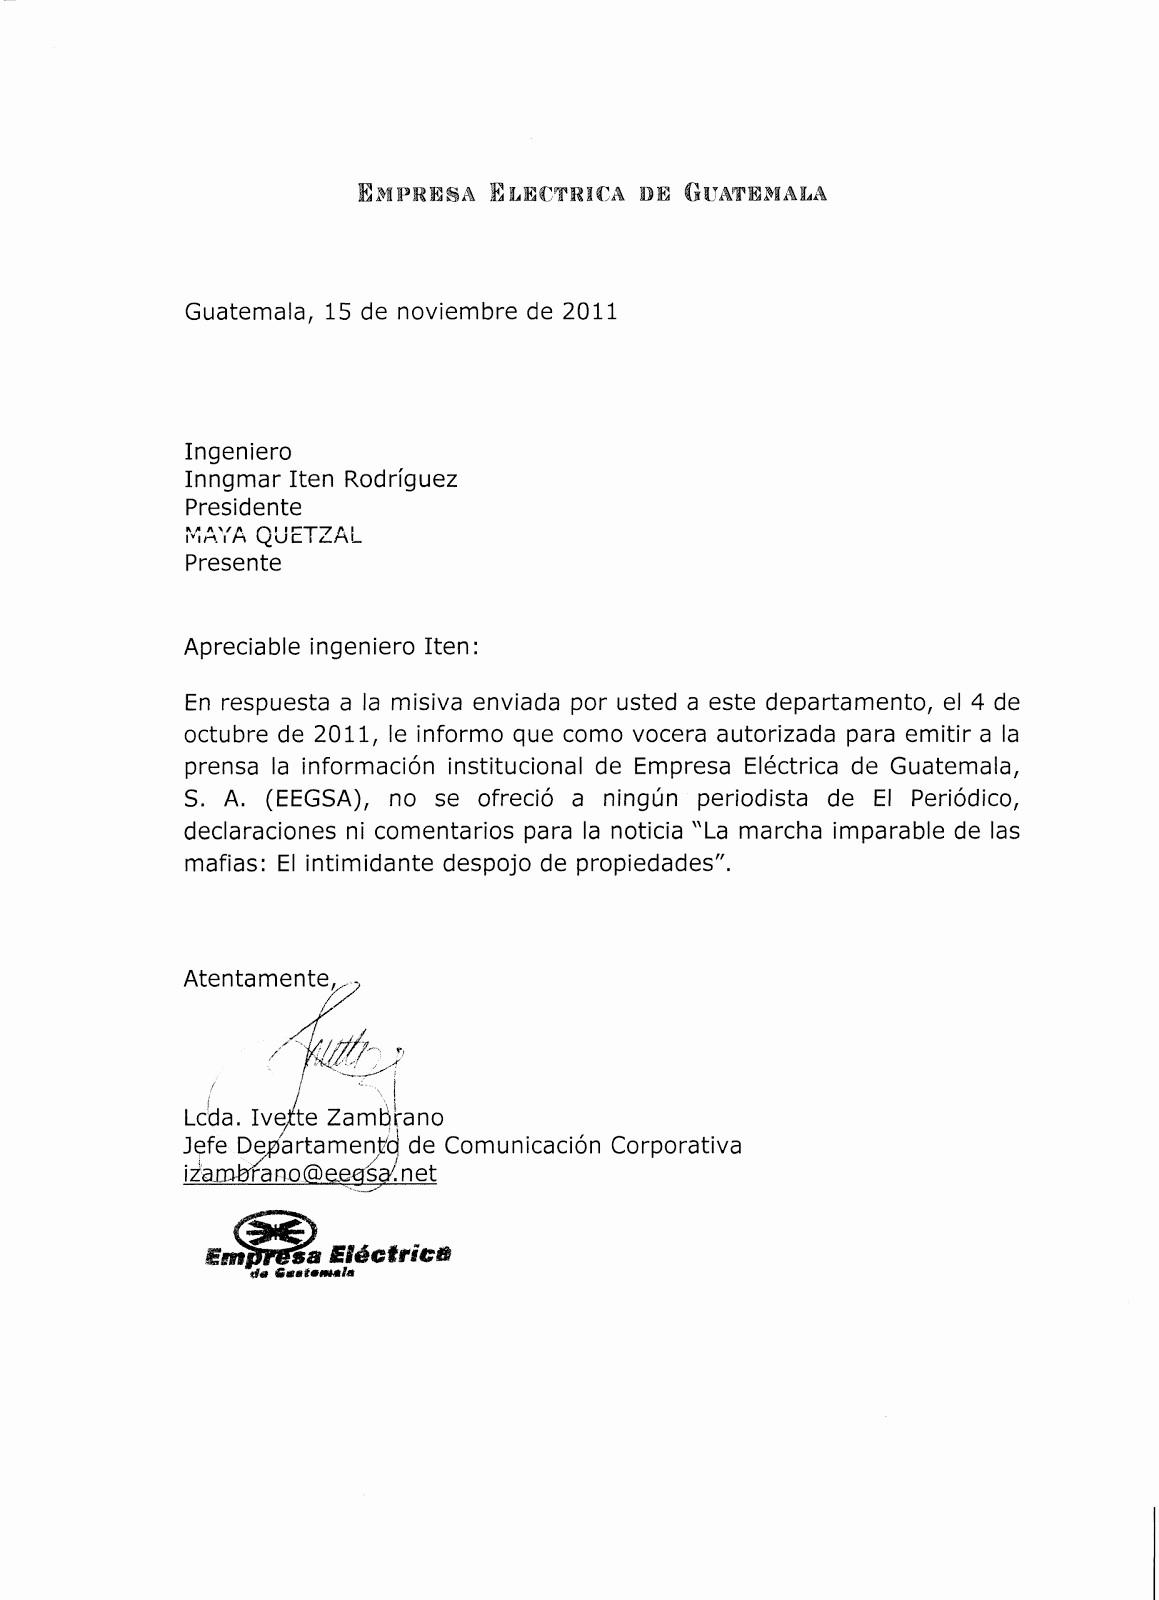 Ejemplo De Carta De Referencia Elegant Ejemplo Carta De Referencia Personal